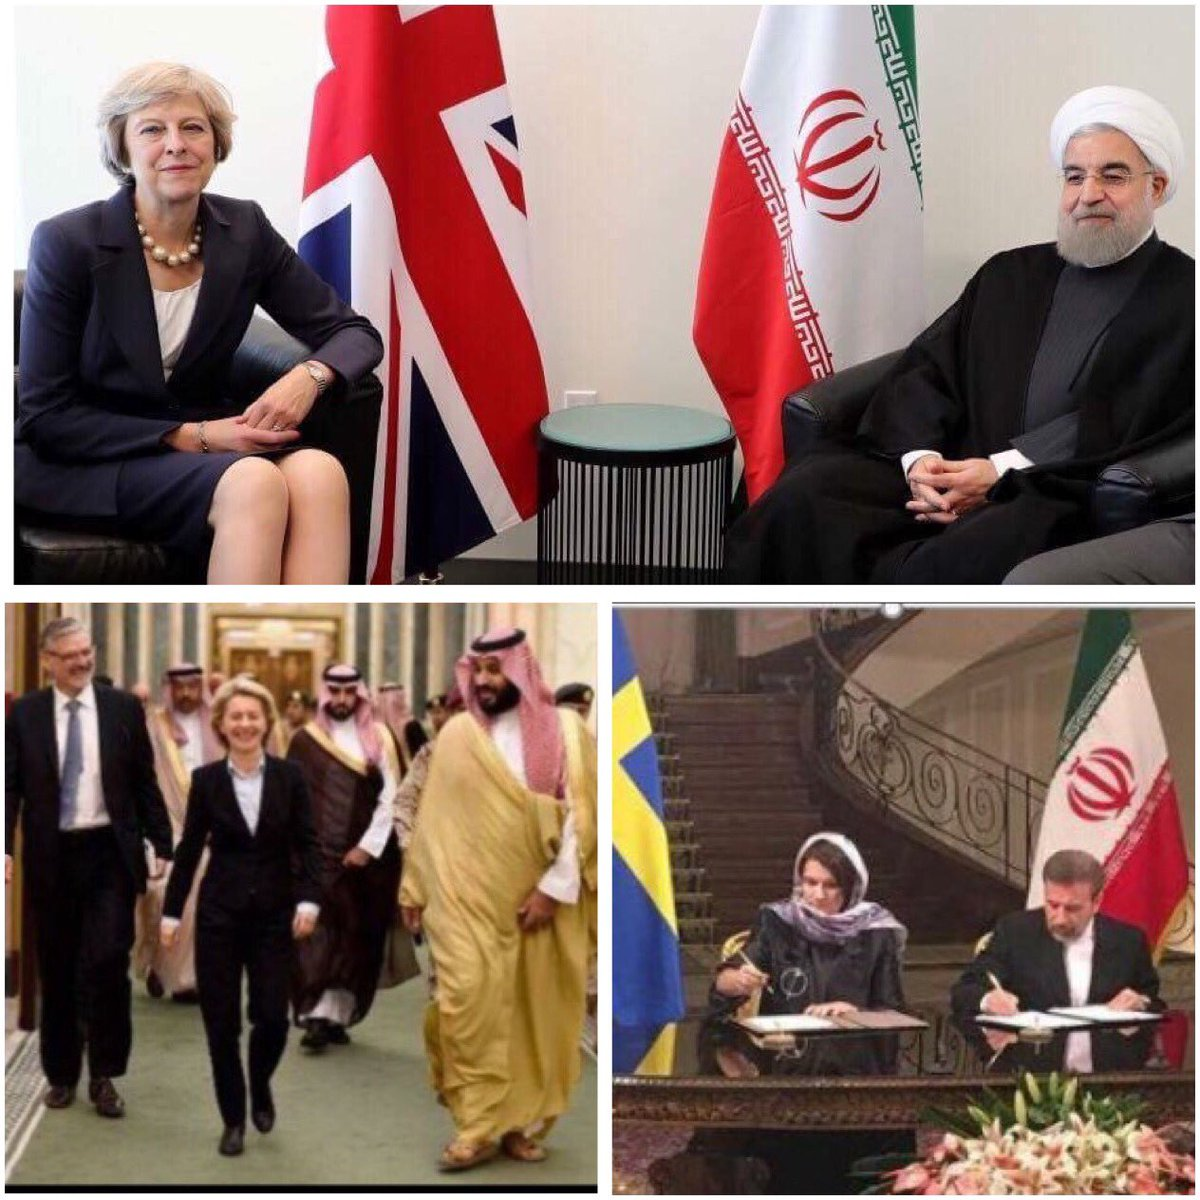 Modiga brittiska och tyska kvinnliga politiker i möte med religiösa ledare. Så har vi den svensk fogligheten. Vad säger kvinnorna i Iran tro